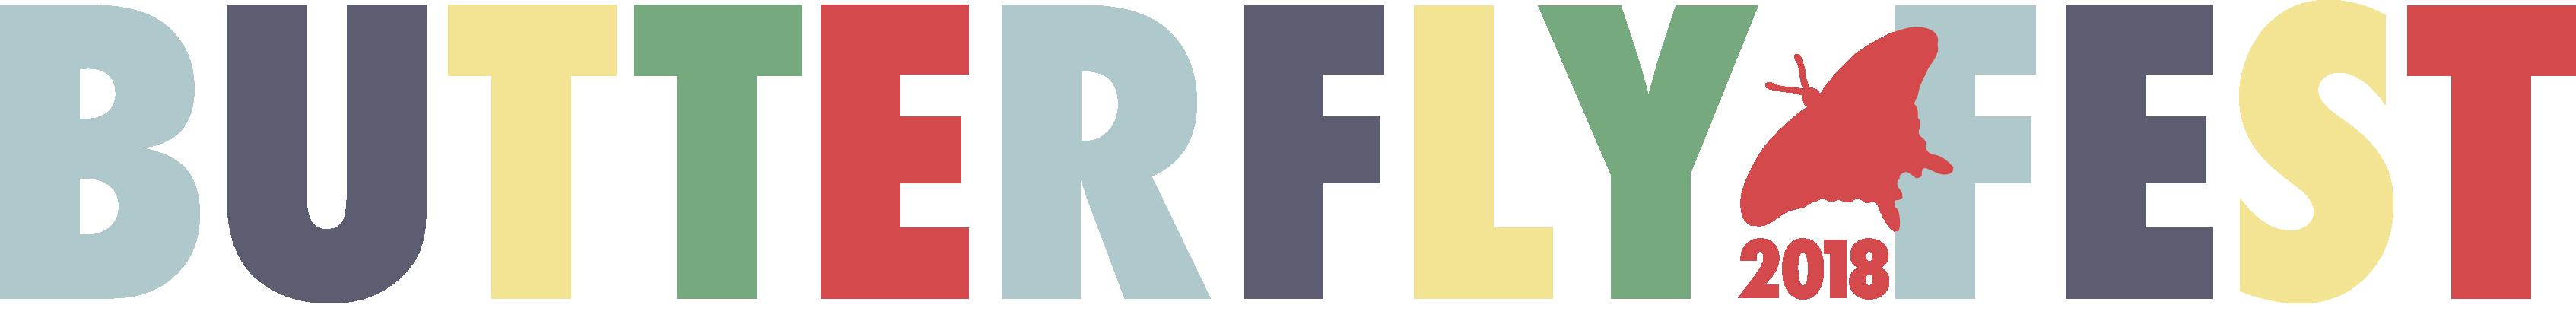 ButterflyFest logo